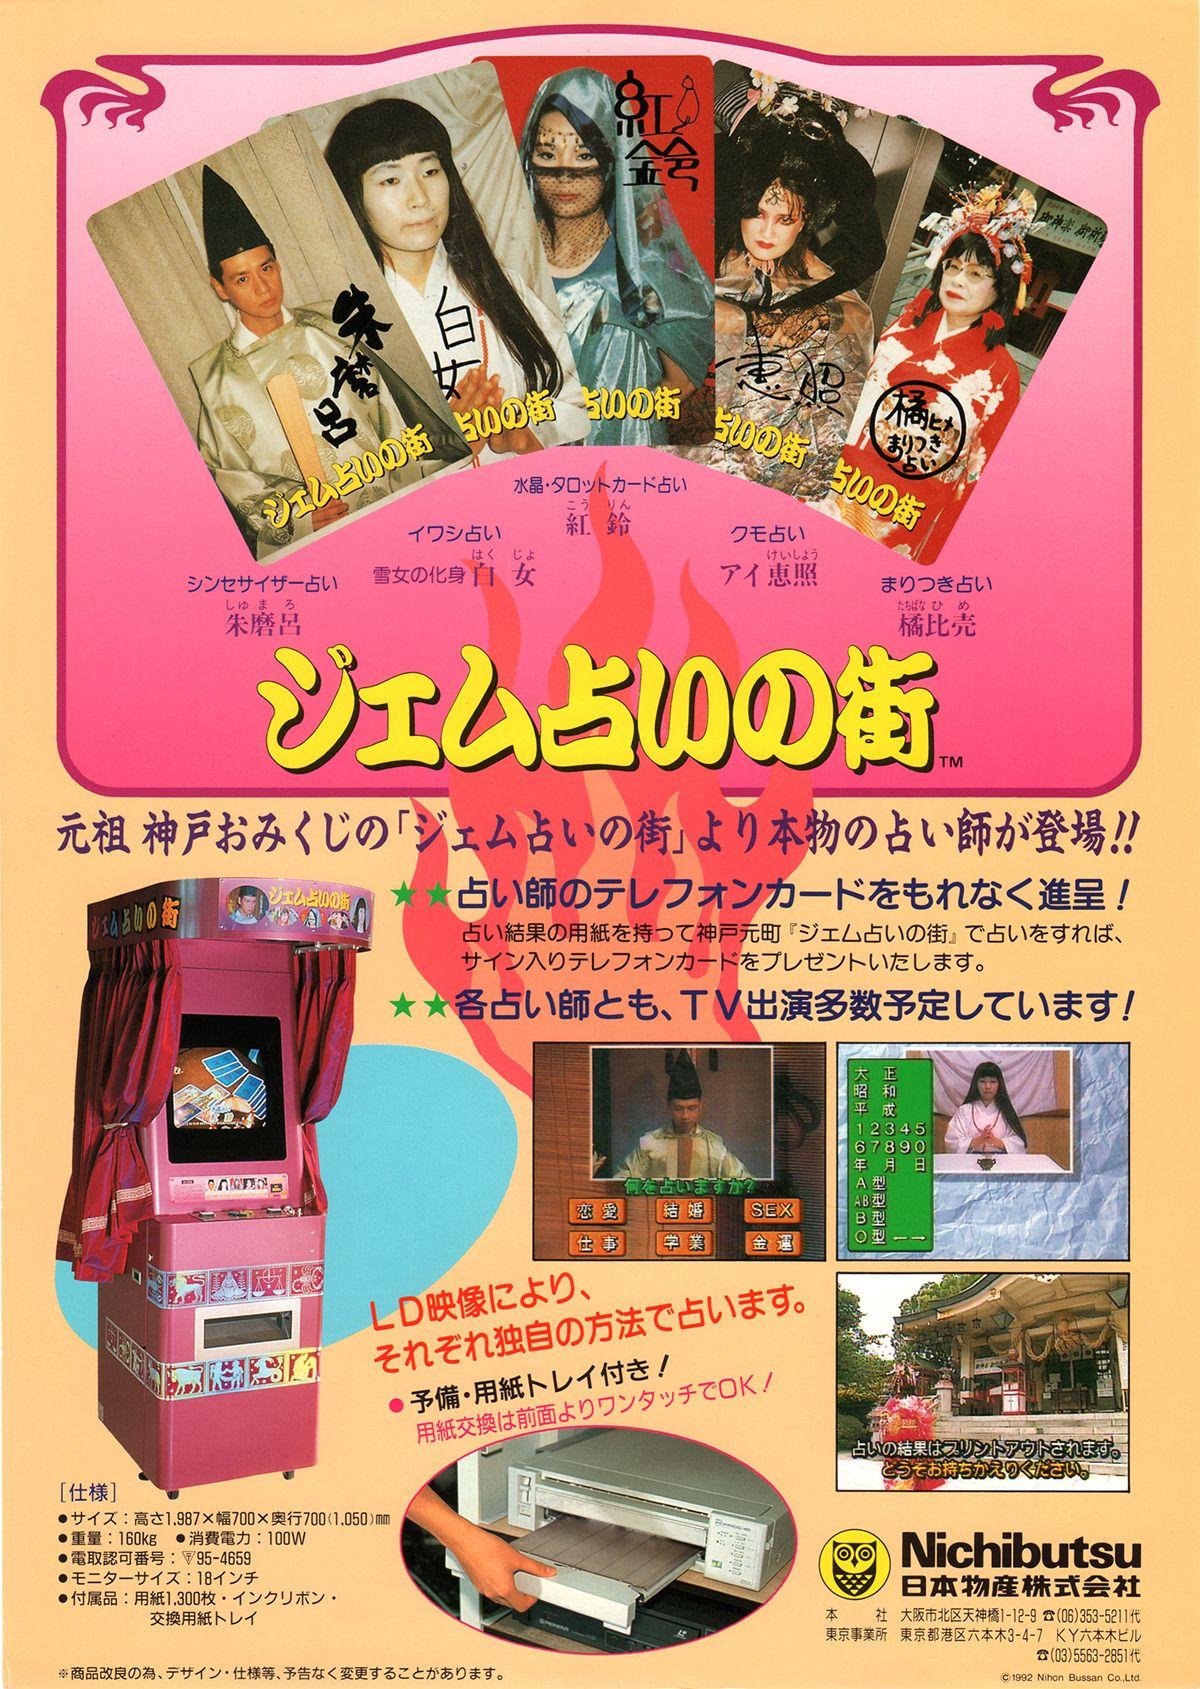 retro game goods collection レトロゲーム アーケードゲーム レトロなおもちゃ